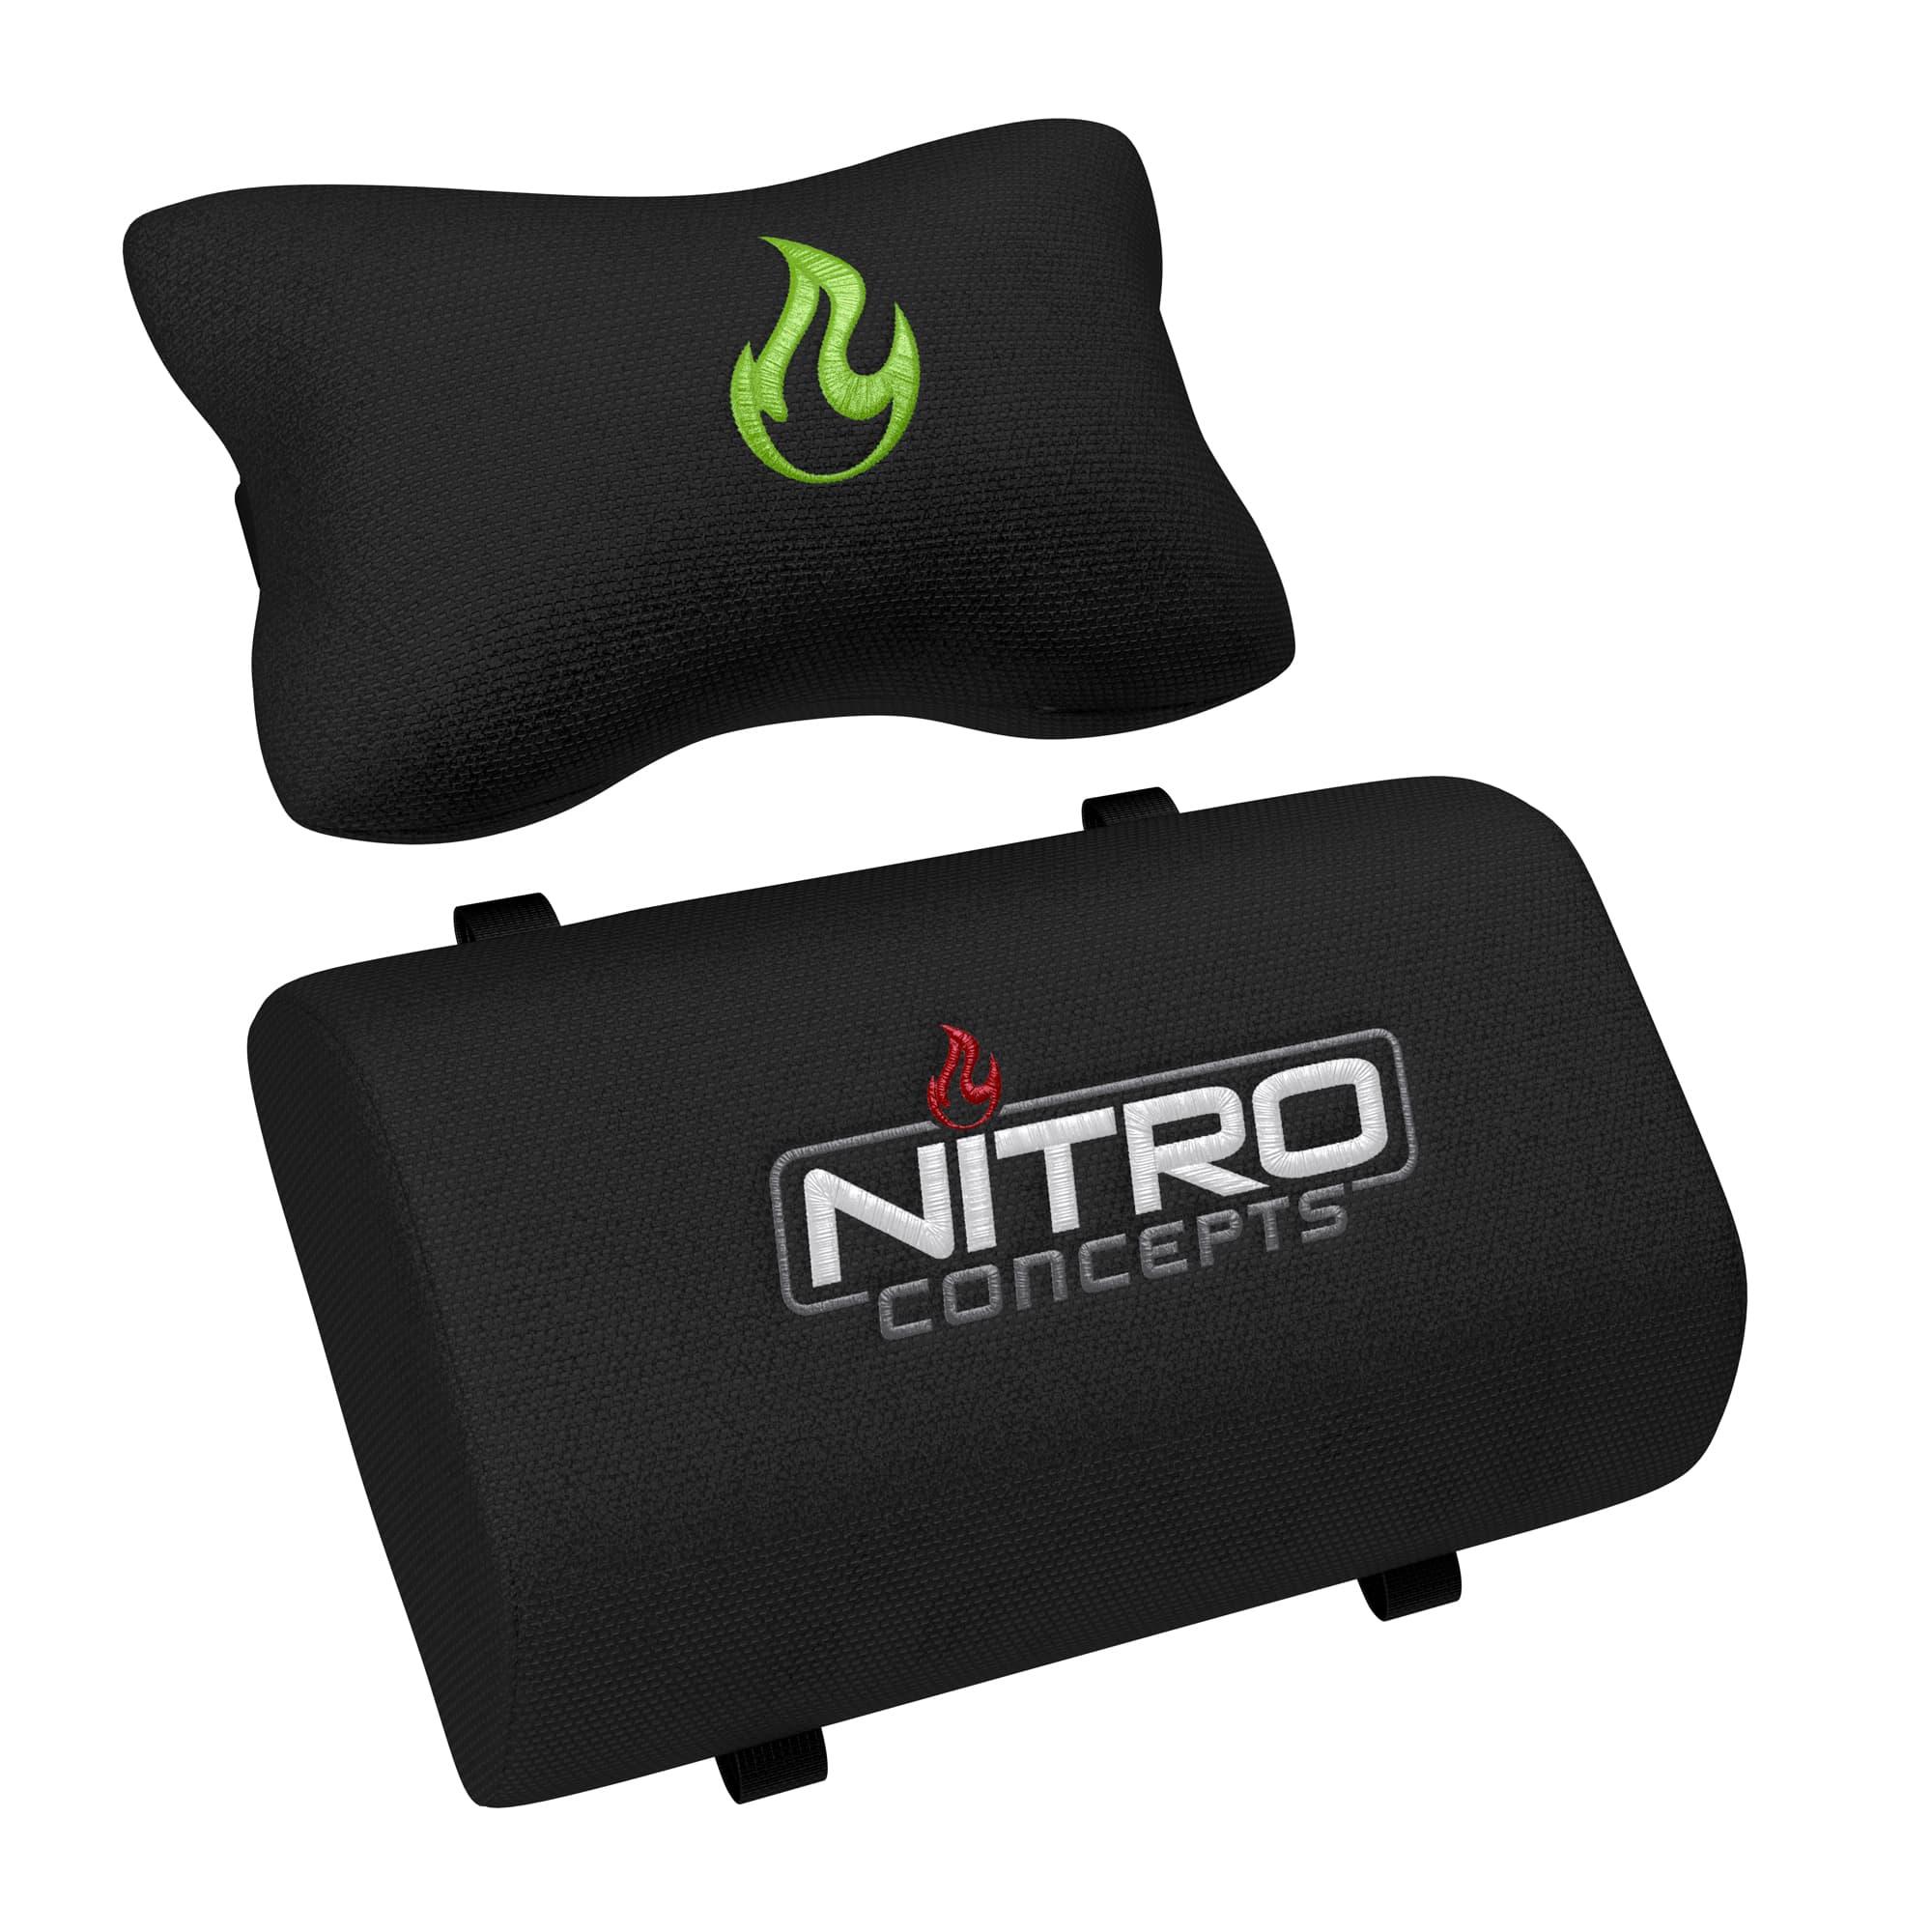 NITRO-Concepts-green-17